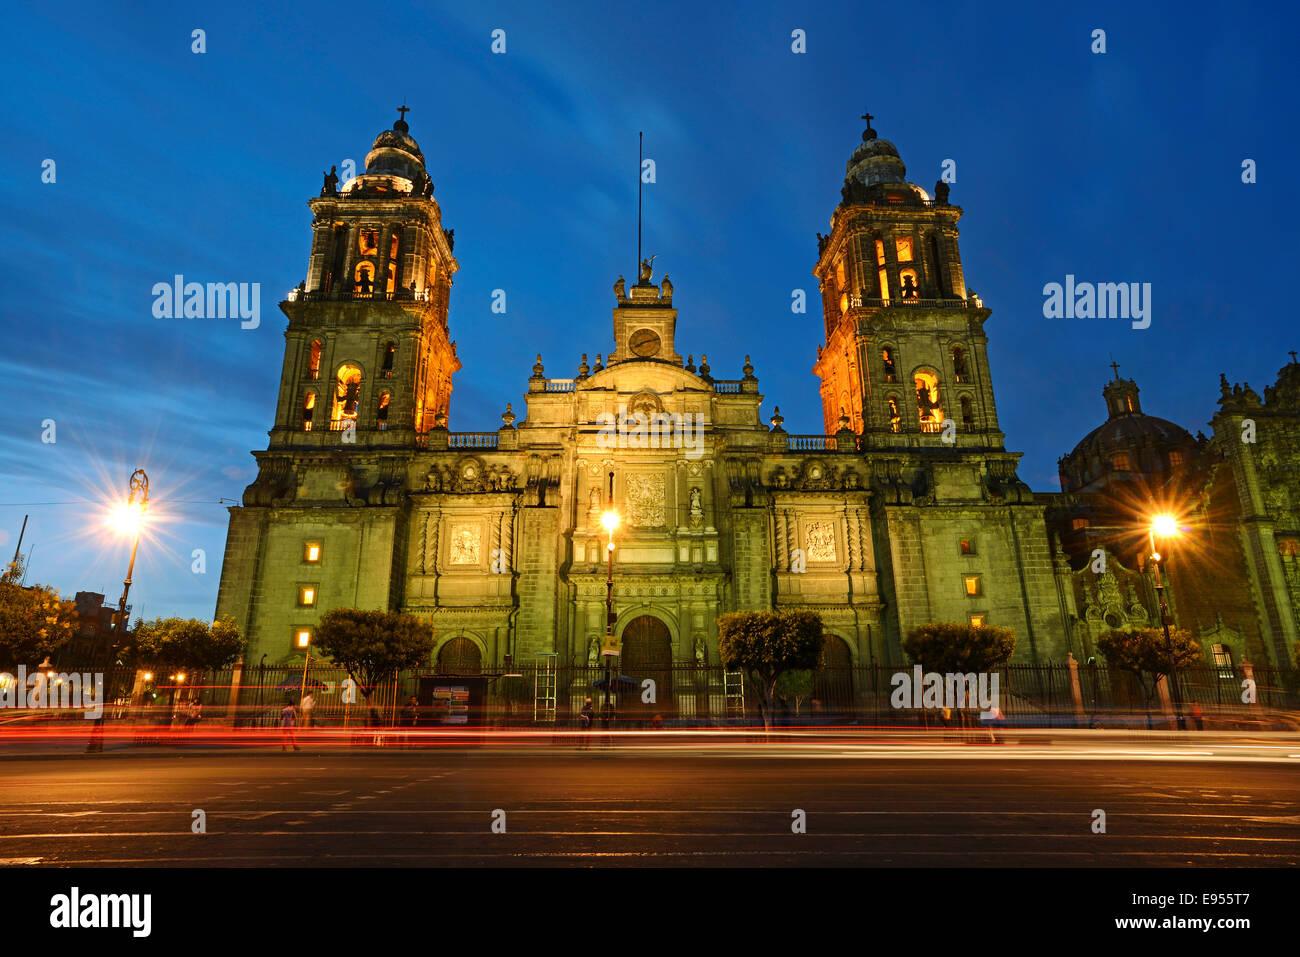 Cathédrale métropolitaine de Mexico, Cathédrale Métropolitaine de la Asuncion de Maria, Plaza Photo Stock